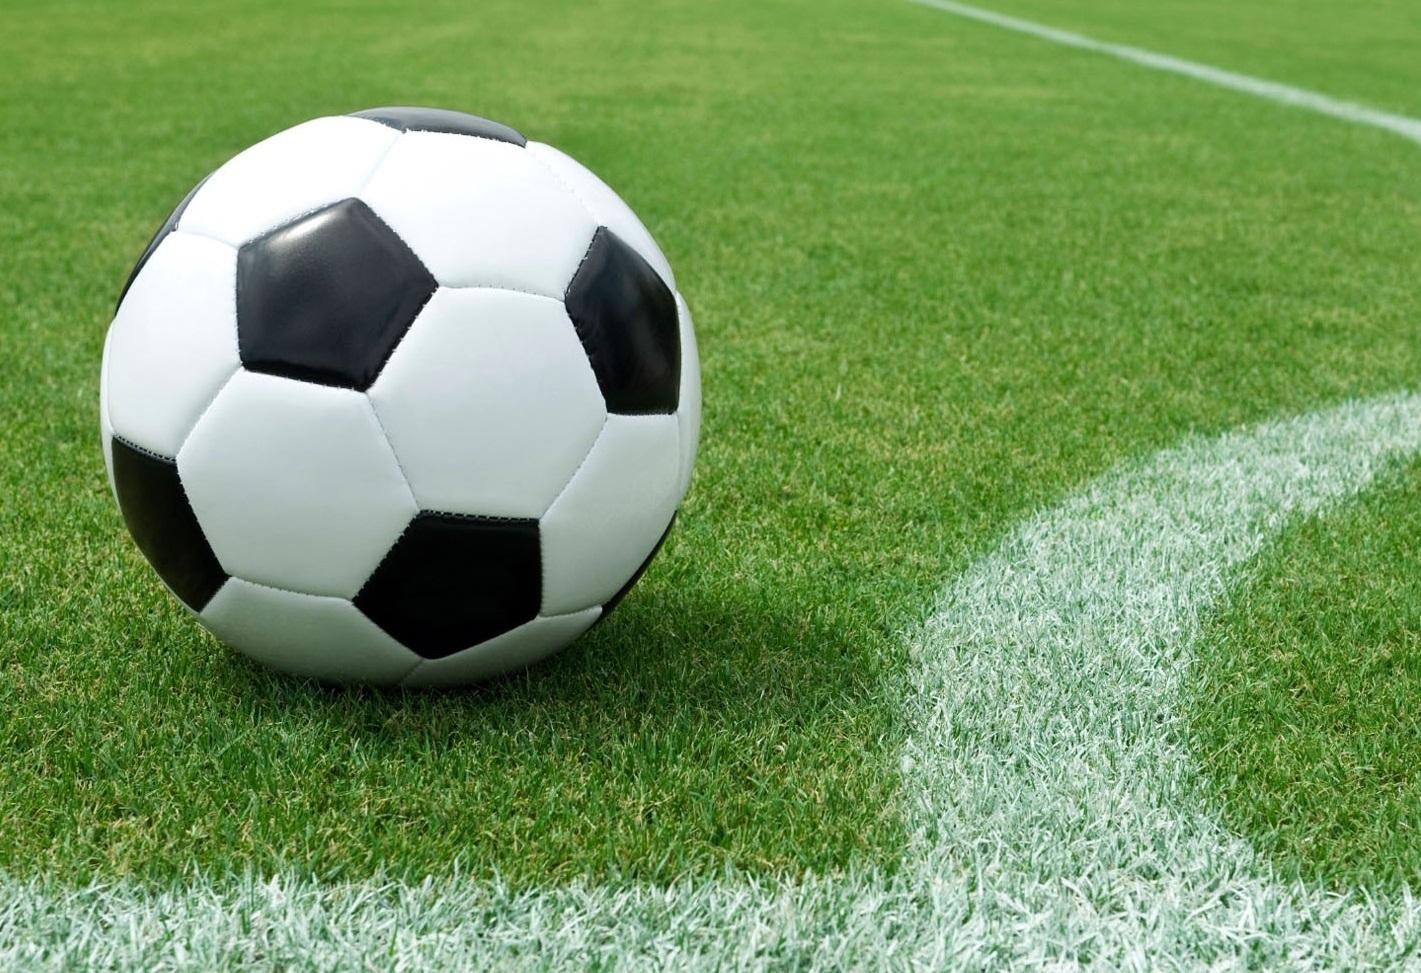 کلاهبرداری از فوتبالیست های سرخابی توسط یک دوست نزدیک ؛ پارس فوتبال